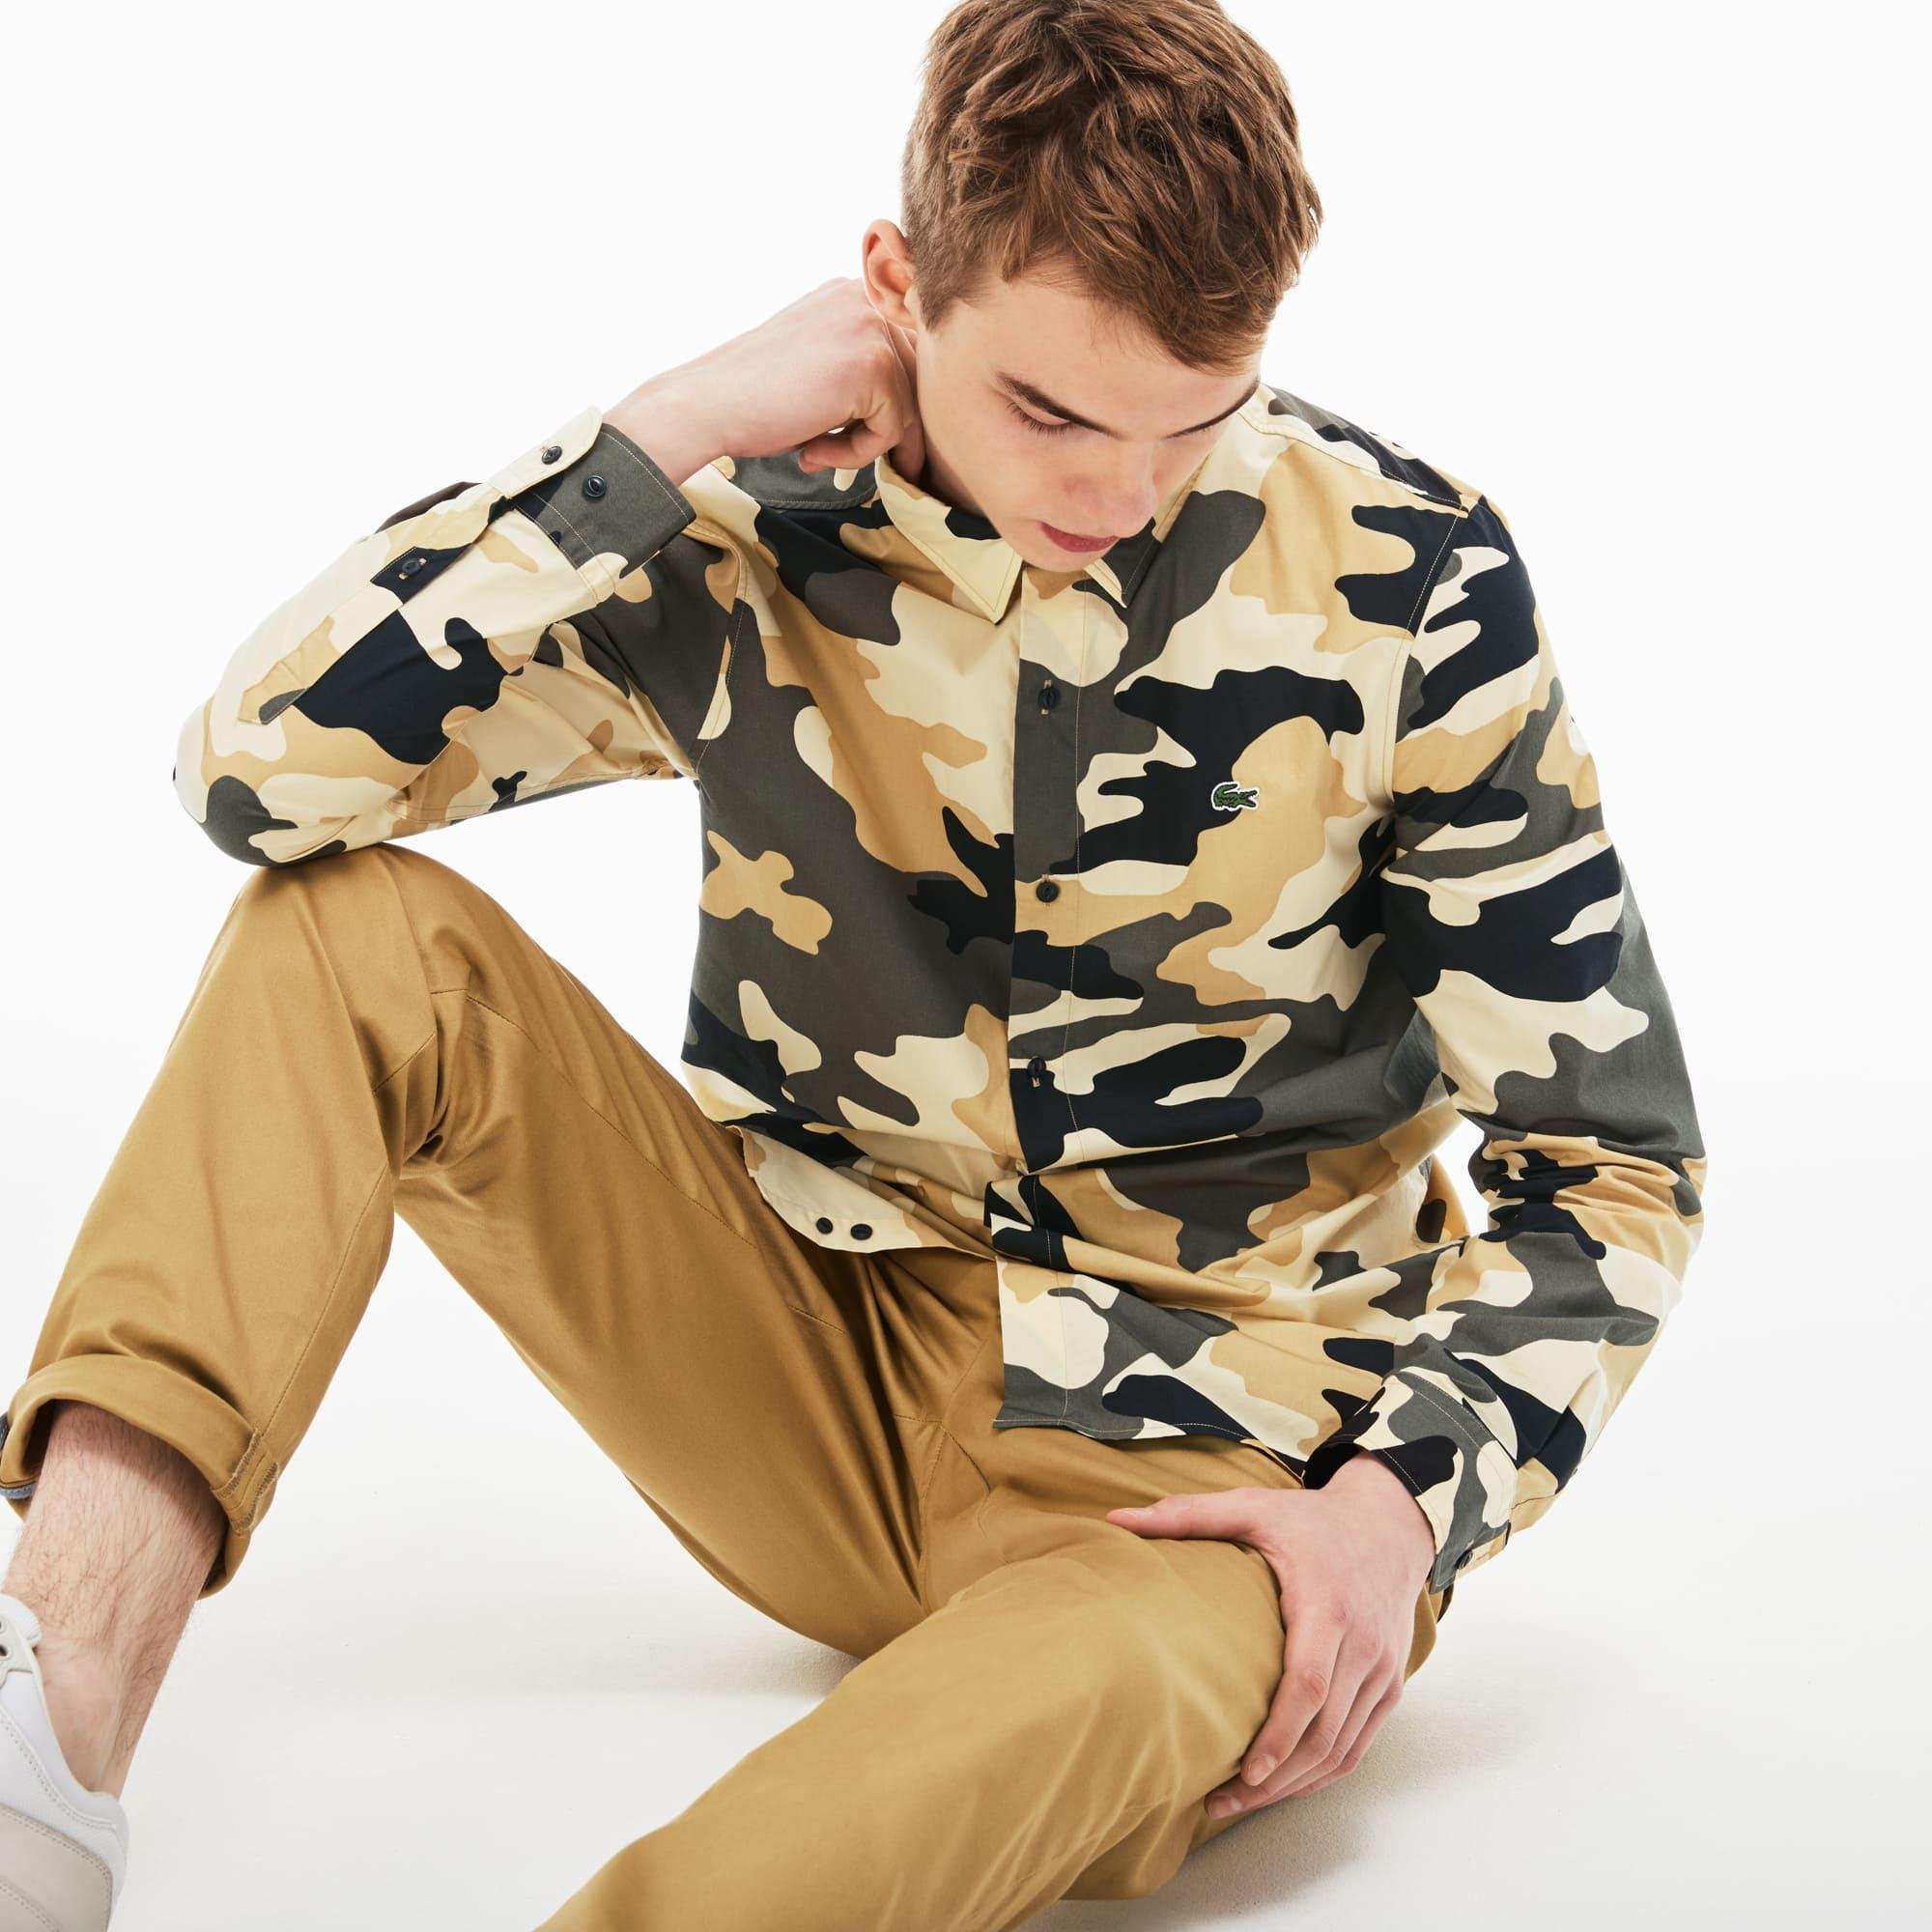 Chemise slim fit Lacoste LIVE en popeline imprimé camouflage